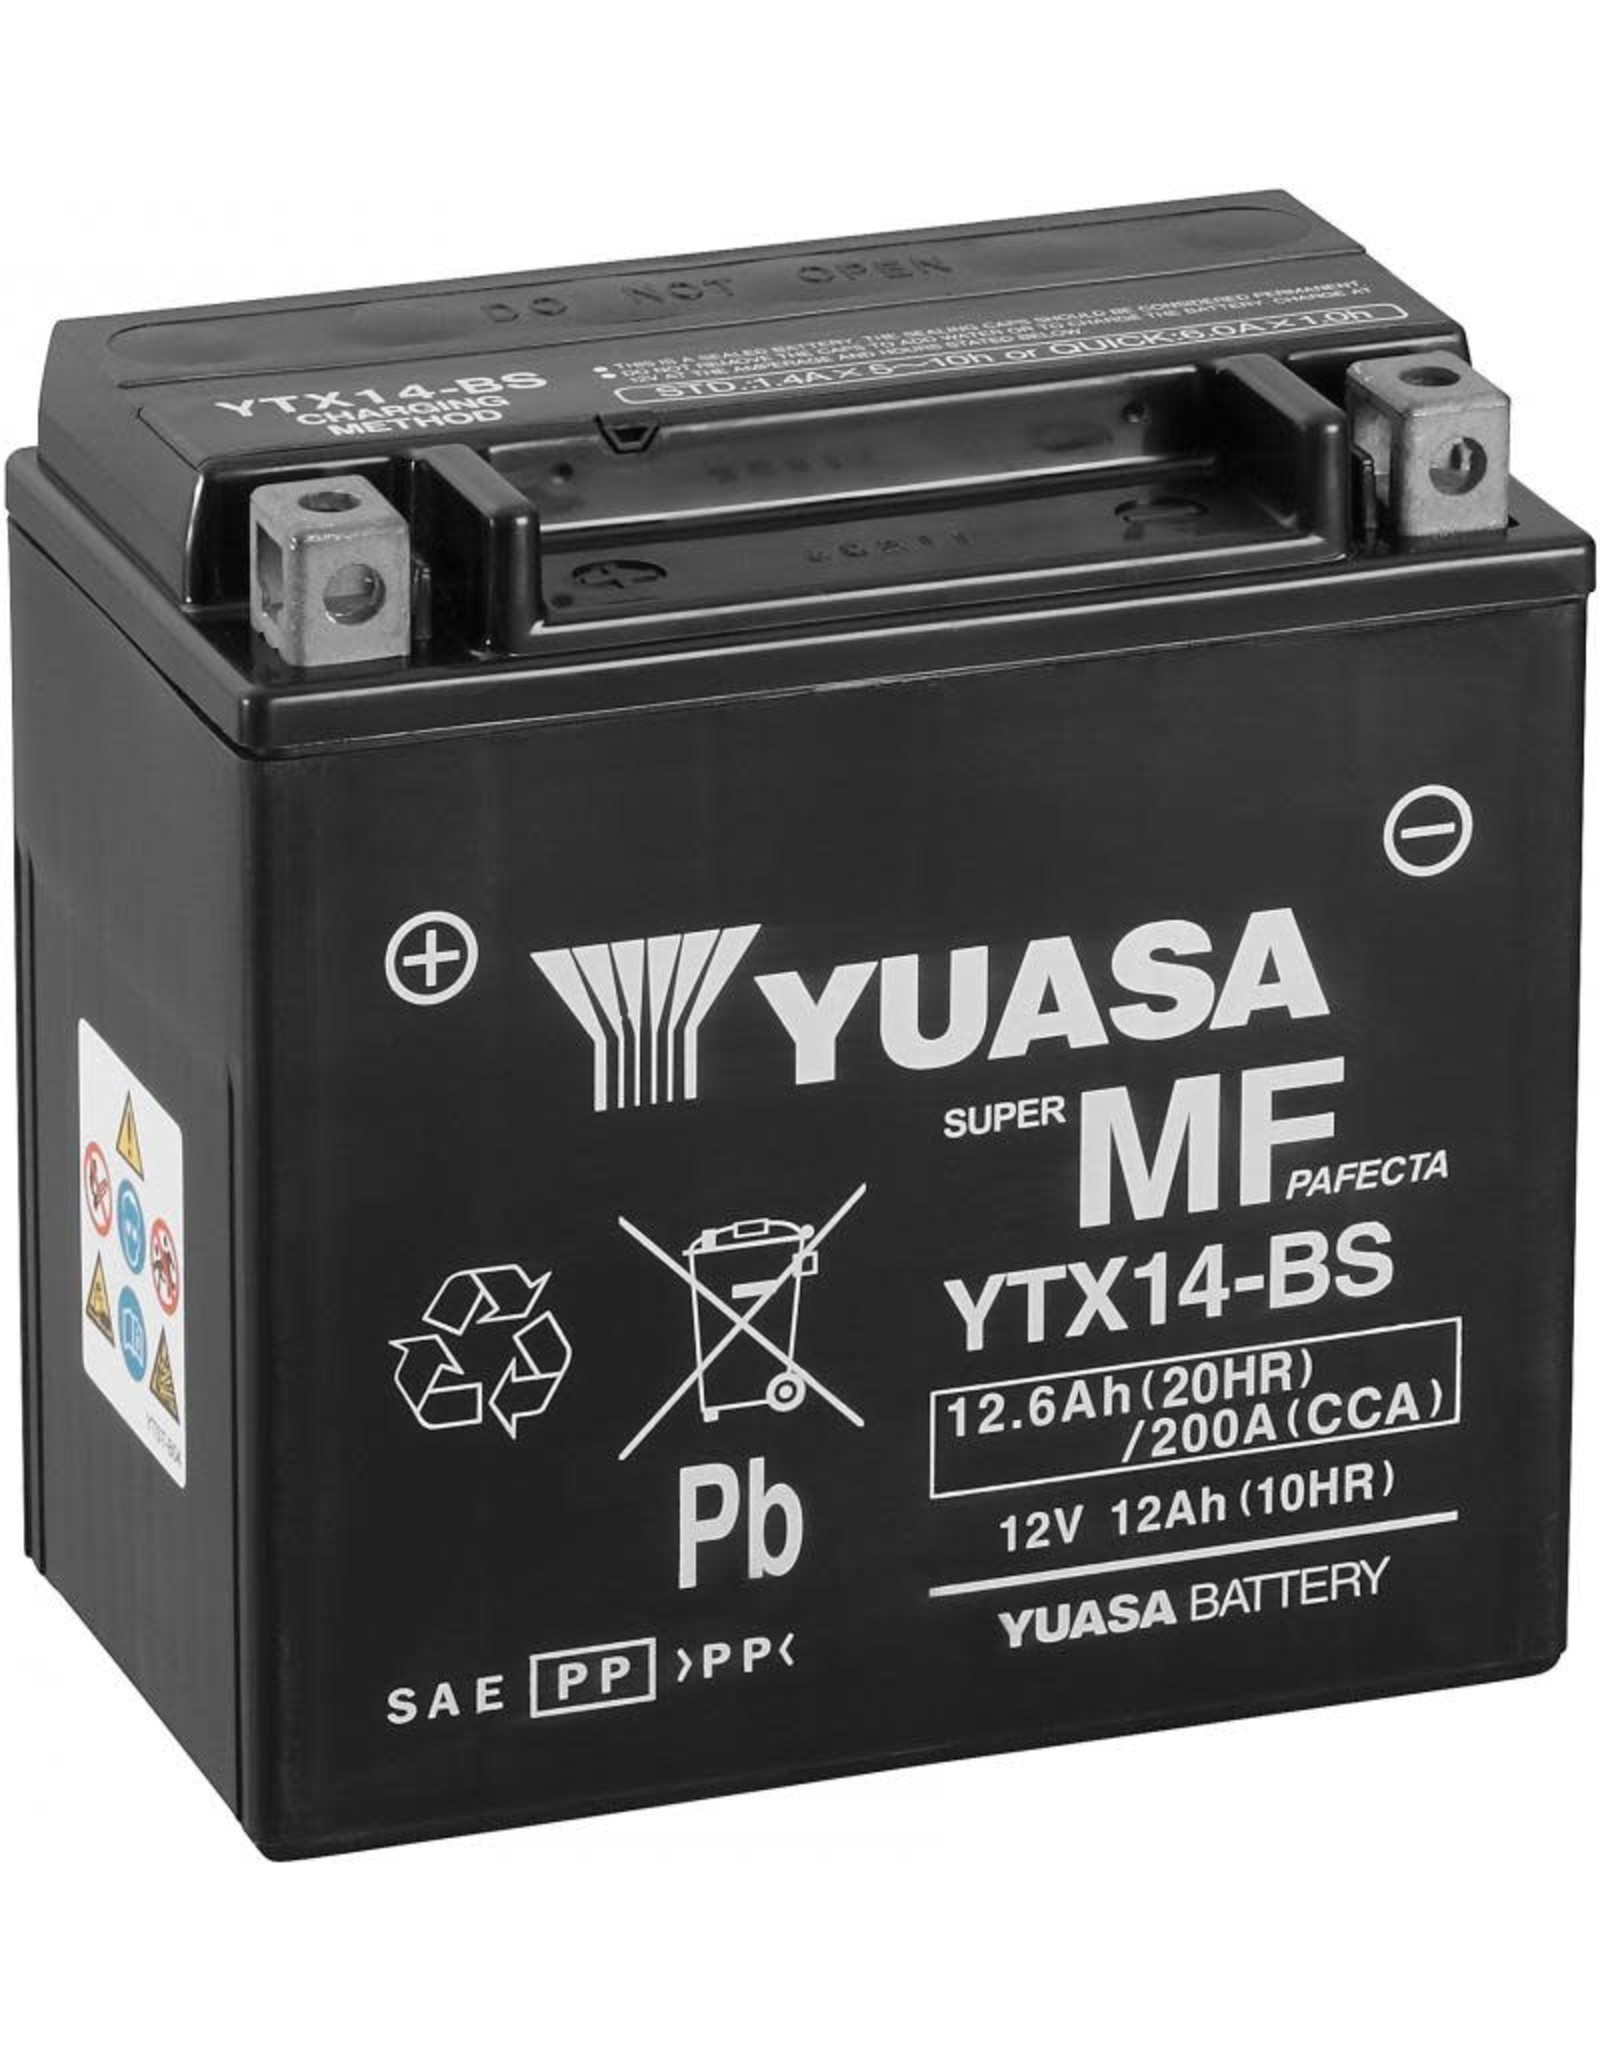 YUASA YUASA YTX14-BS